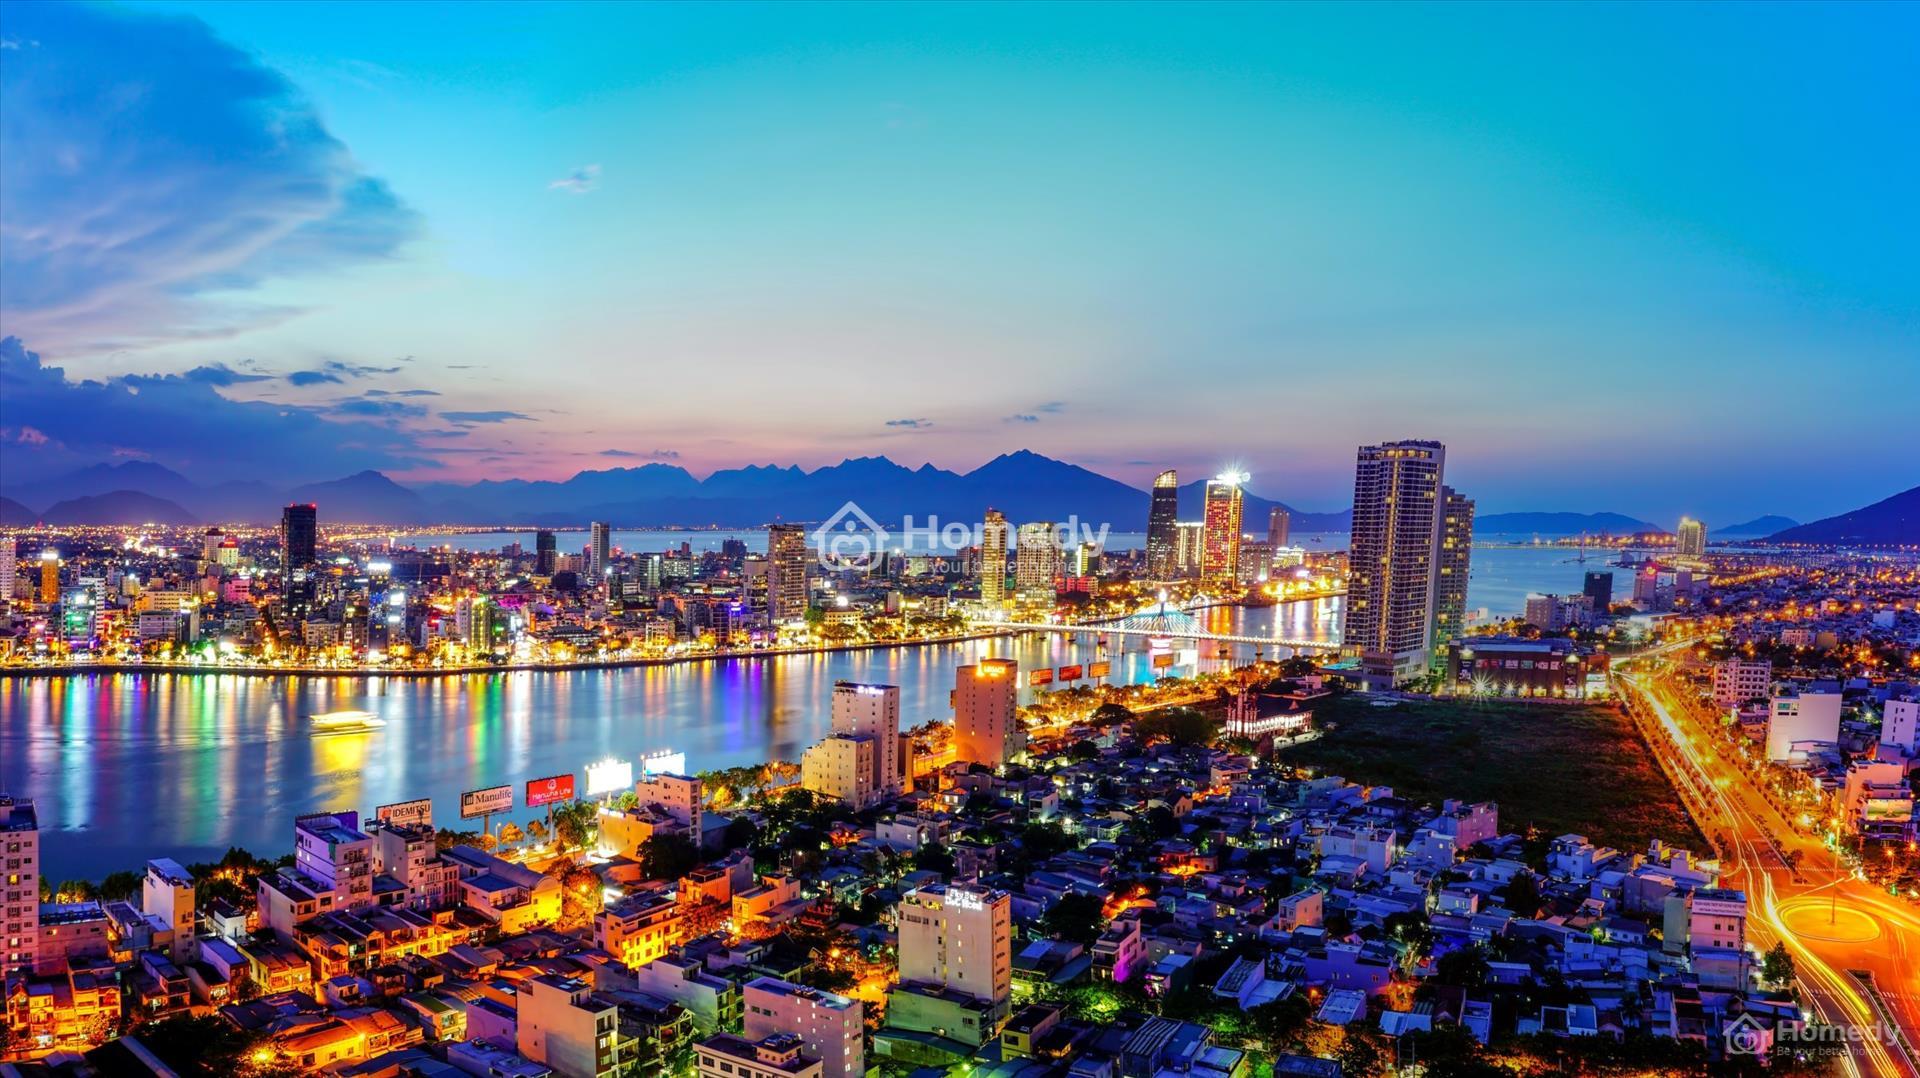 Tiềm năng phát triển của BĐS Đà Nẵng vẫn rất lớn